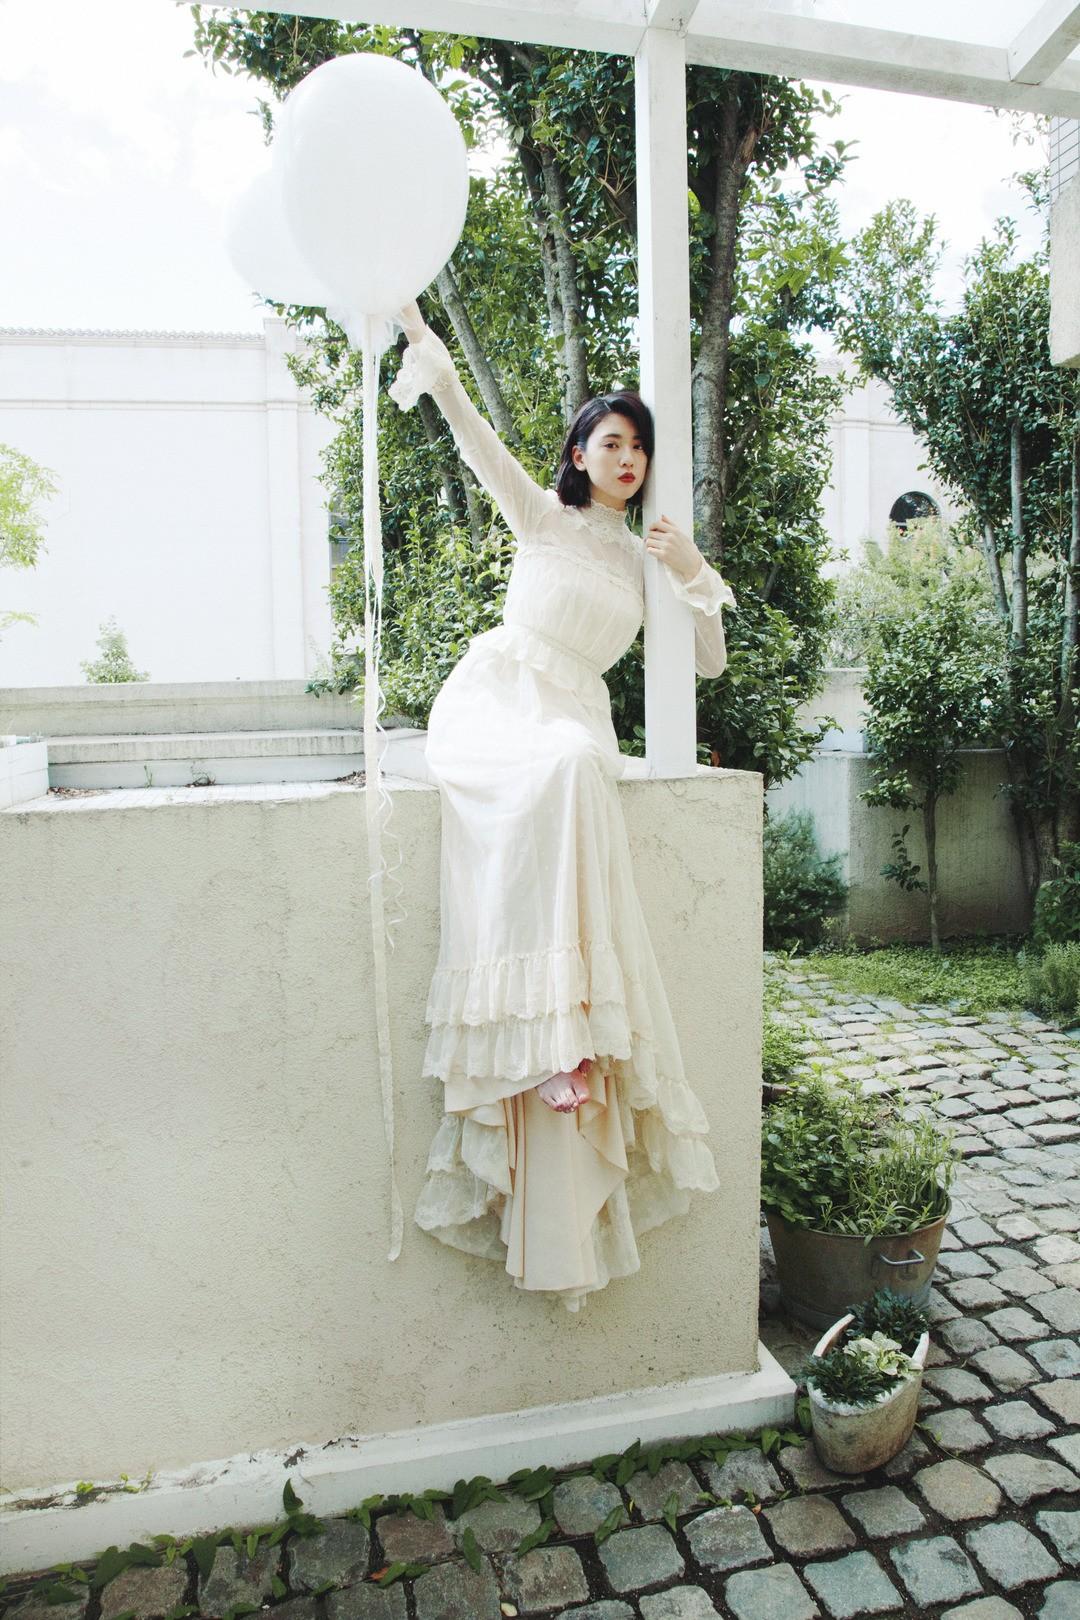 初めてのウエディングドレスを着ての撮影で、将来の結婚を妄想♡